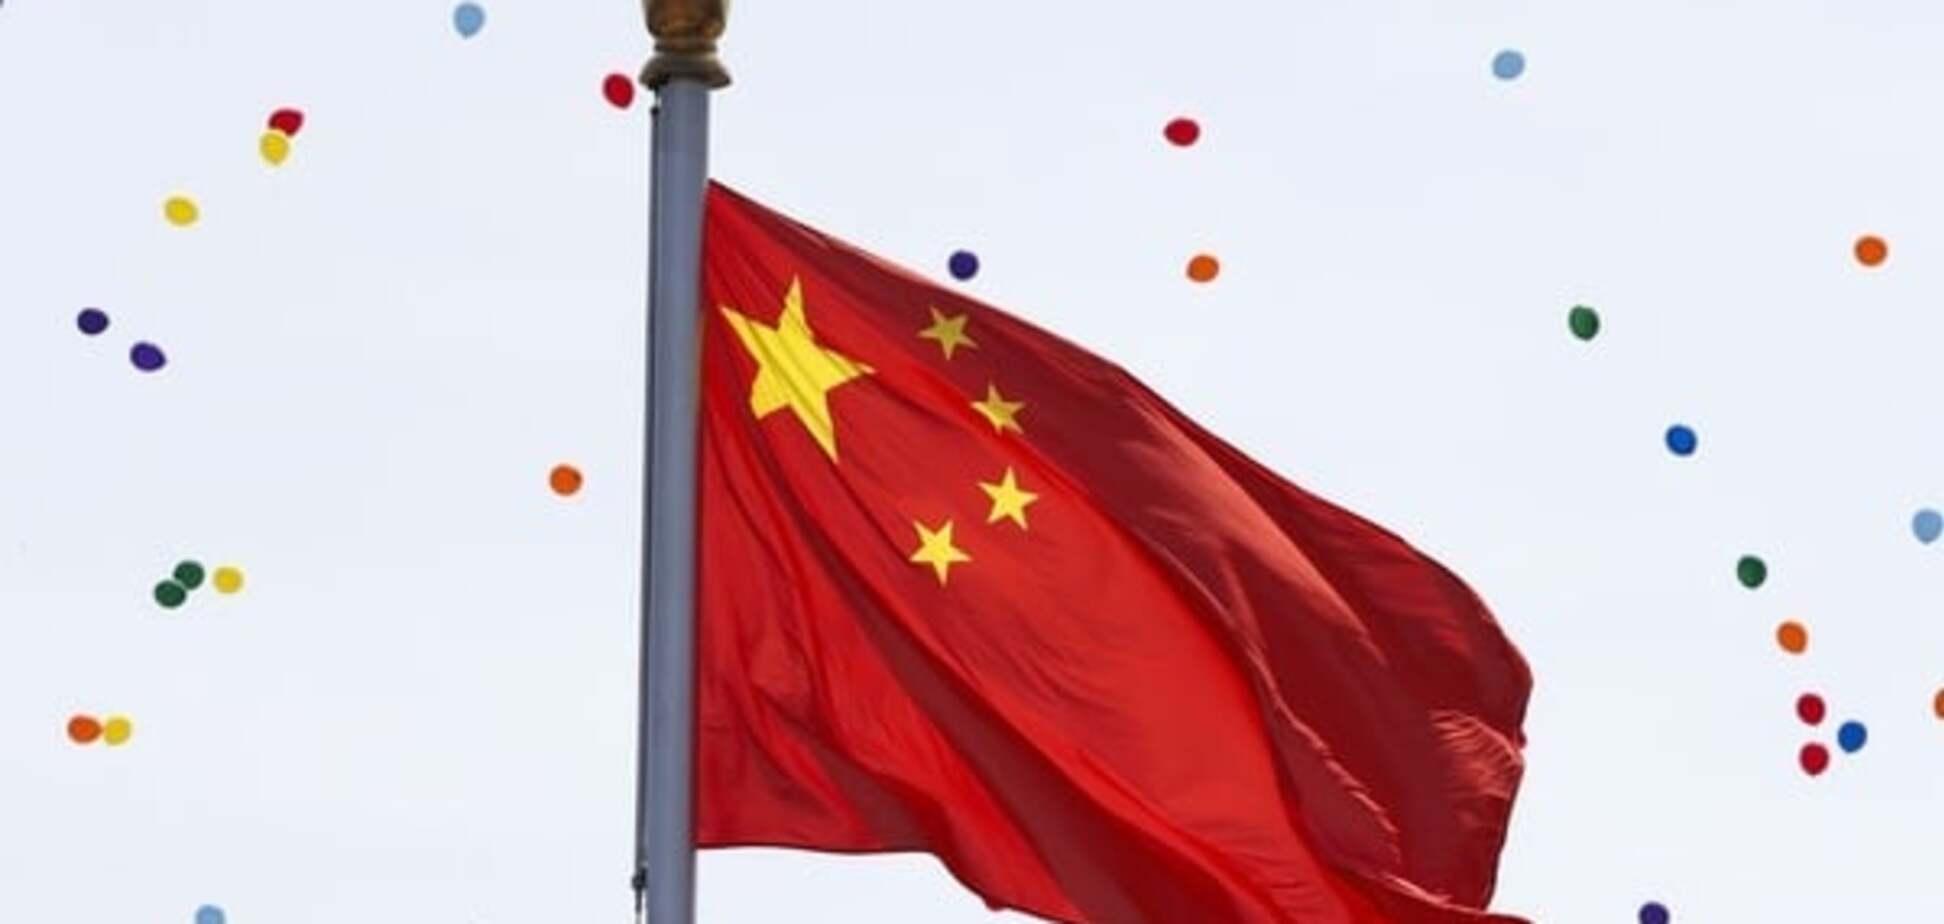 Як від чуми: названо причини, чому Китай все більше цурається Росії